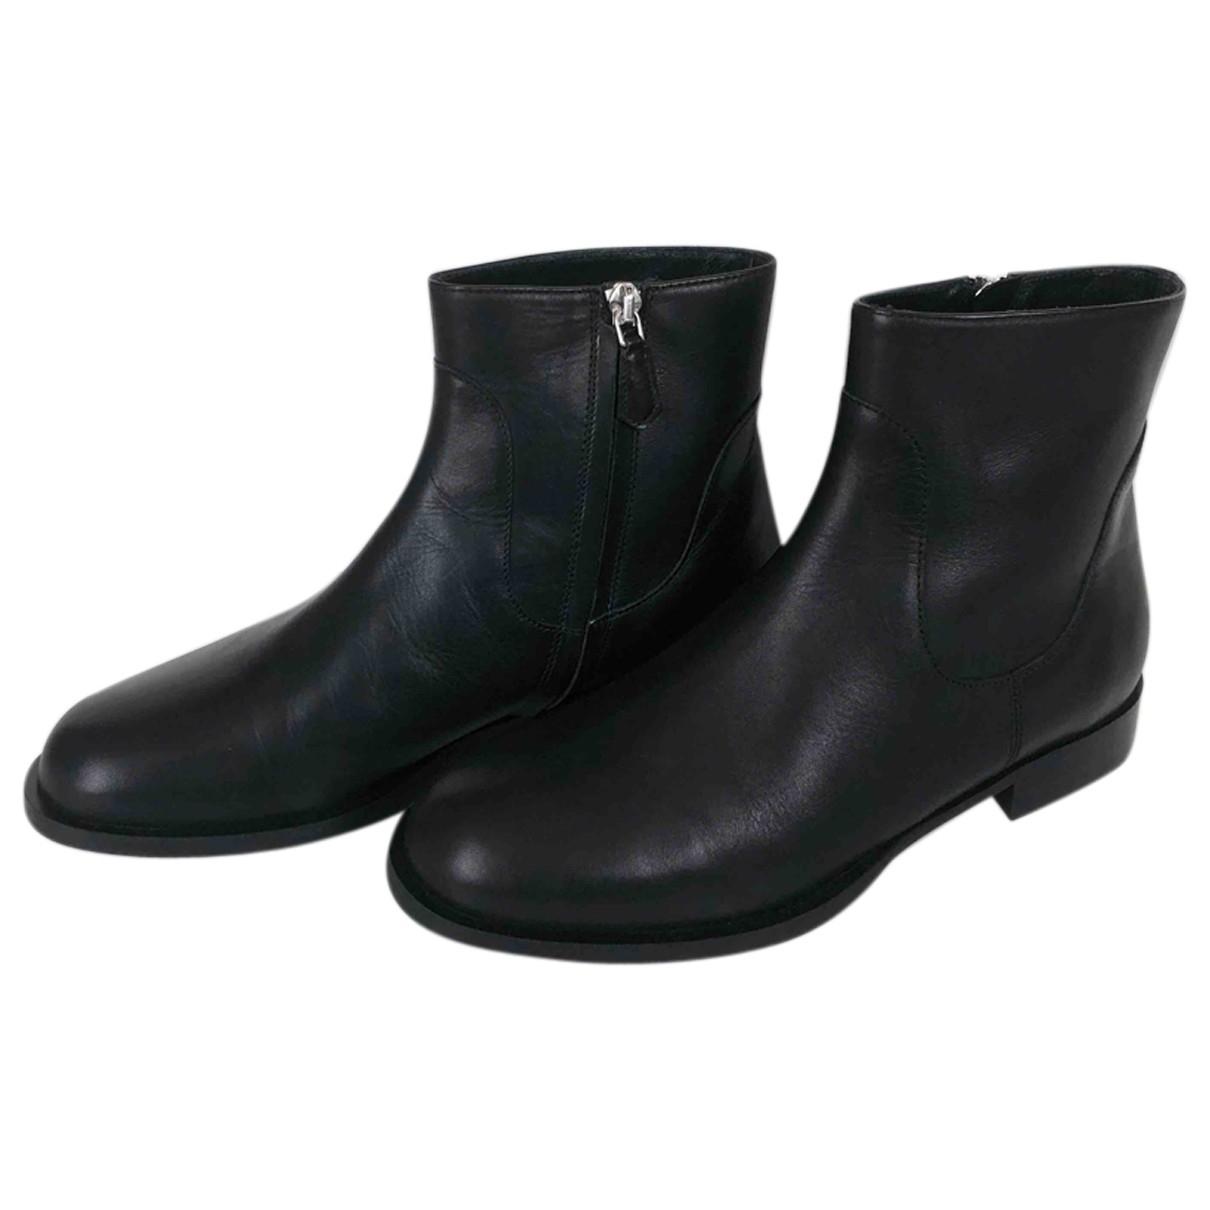 Lk Bennett \N Black Leather Boots for Women 36 EU